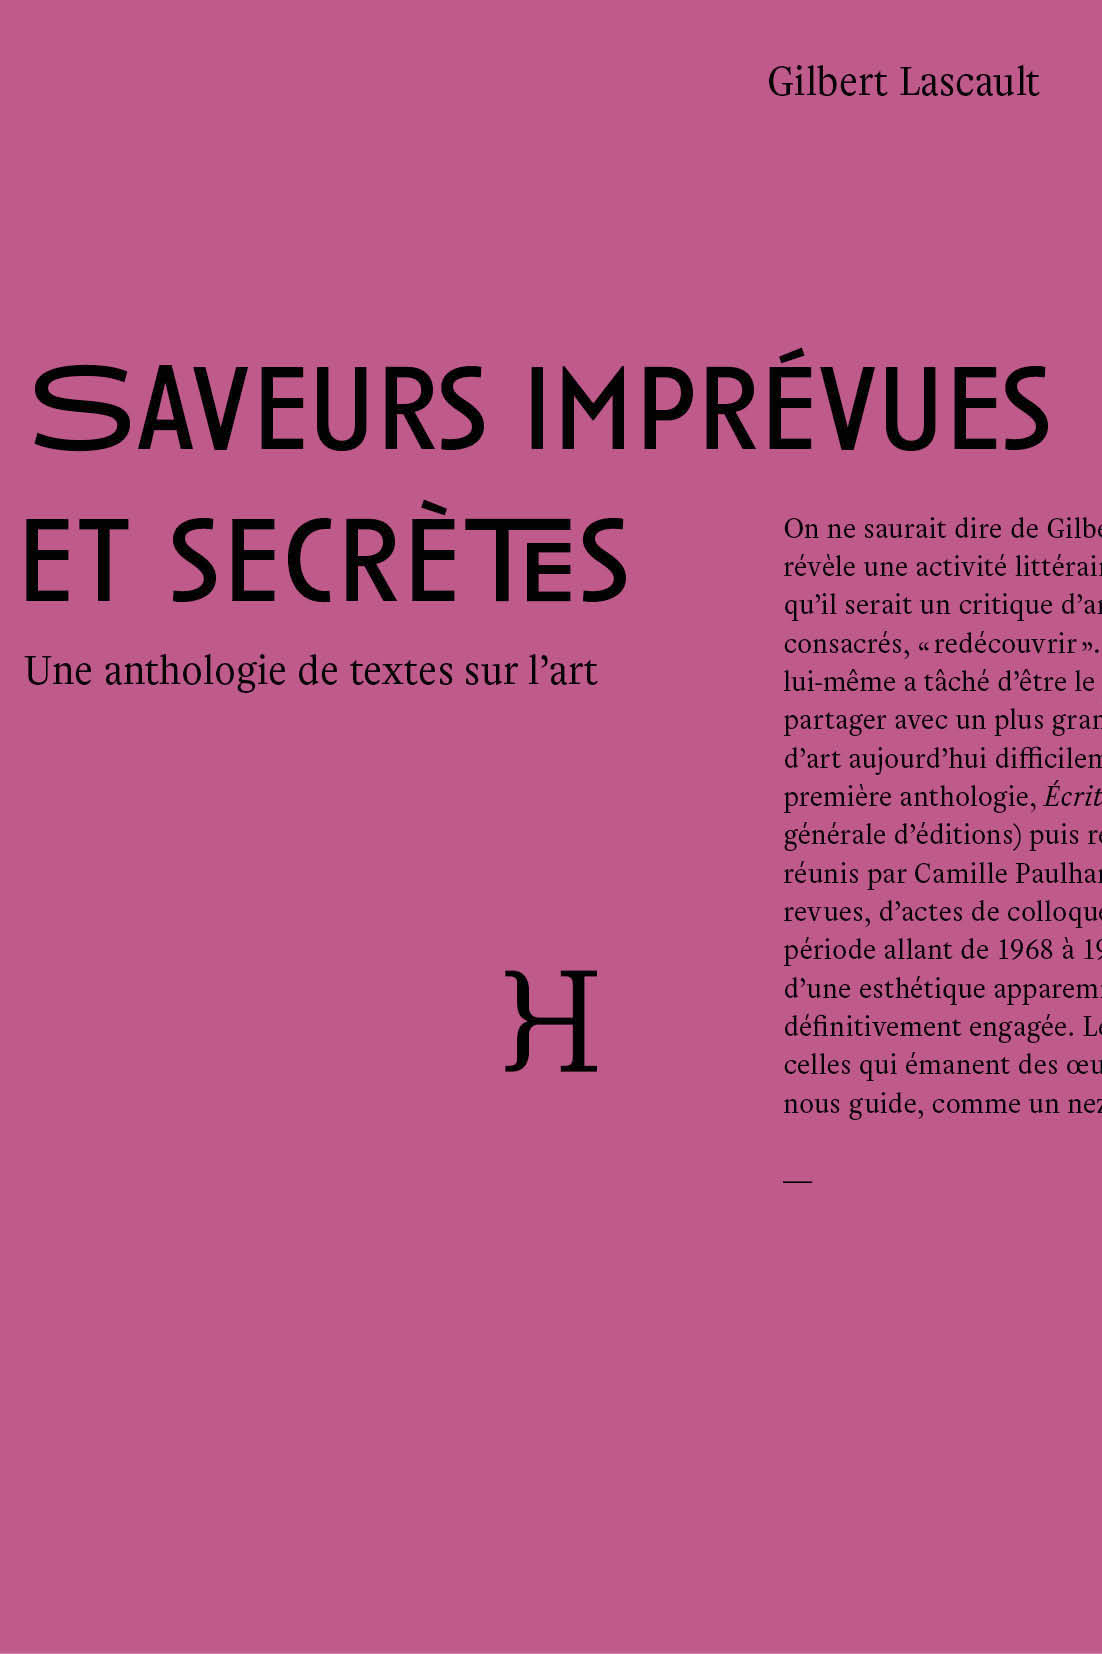 SAVEURS IMPREVUES ET SECRETES - UNE ANTHOLOGIE DE TEXTES SUR L'ART